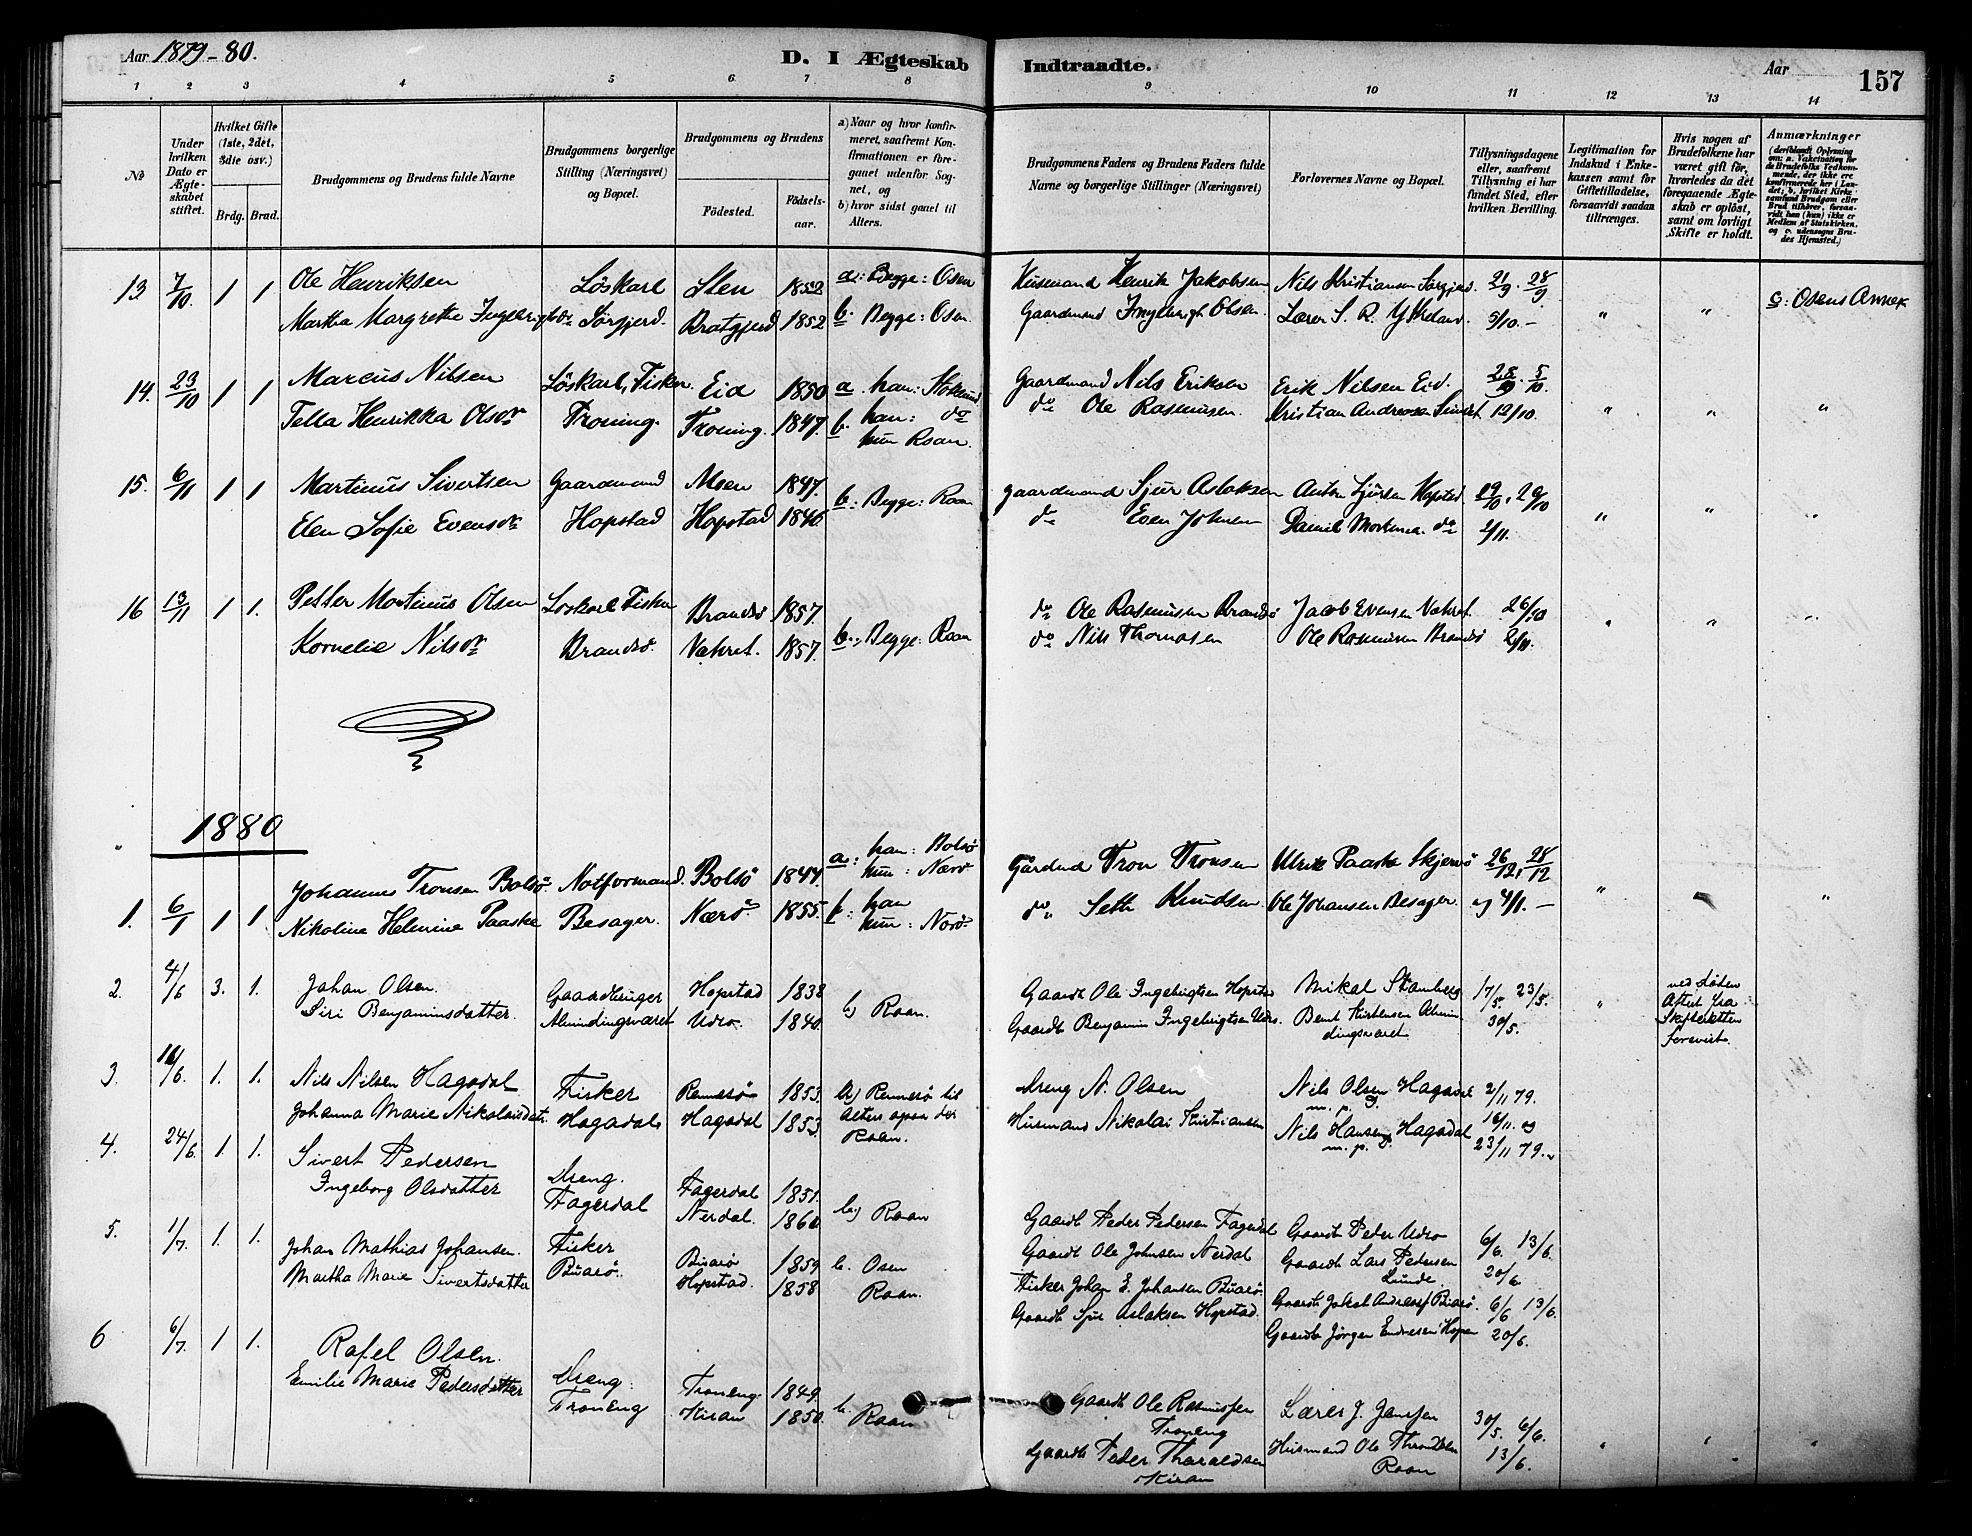 SAT, Ministerialprotokoller, klokkerbøker og fødselsregistre - Sør-Trøndelag, 657/L0707: Ministerialbok nr. 657A08, 1879-1893, s. 157